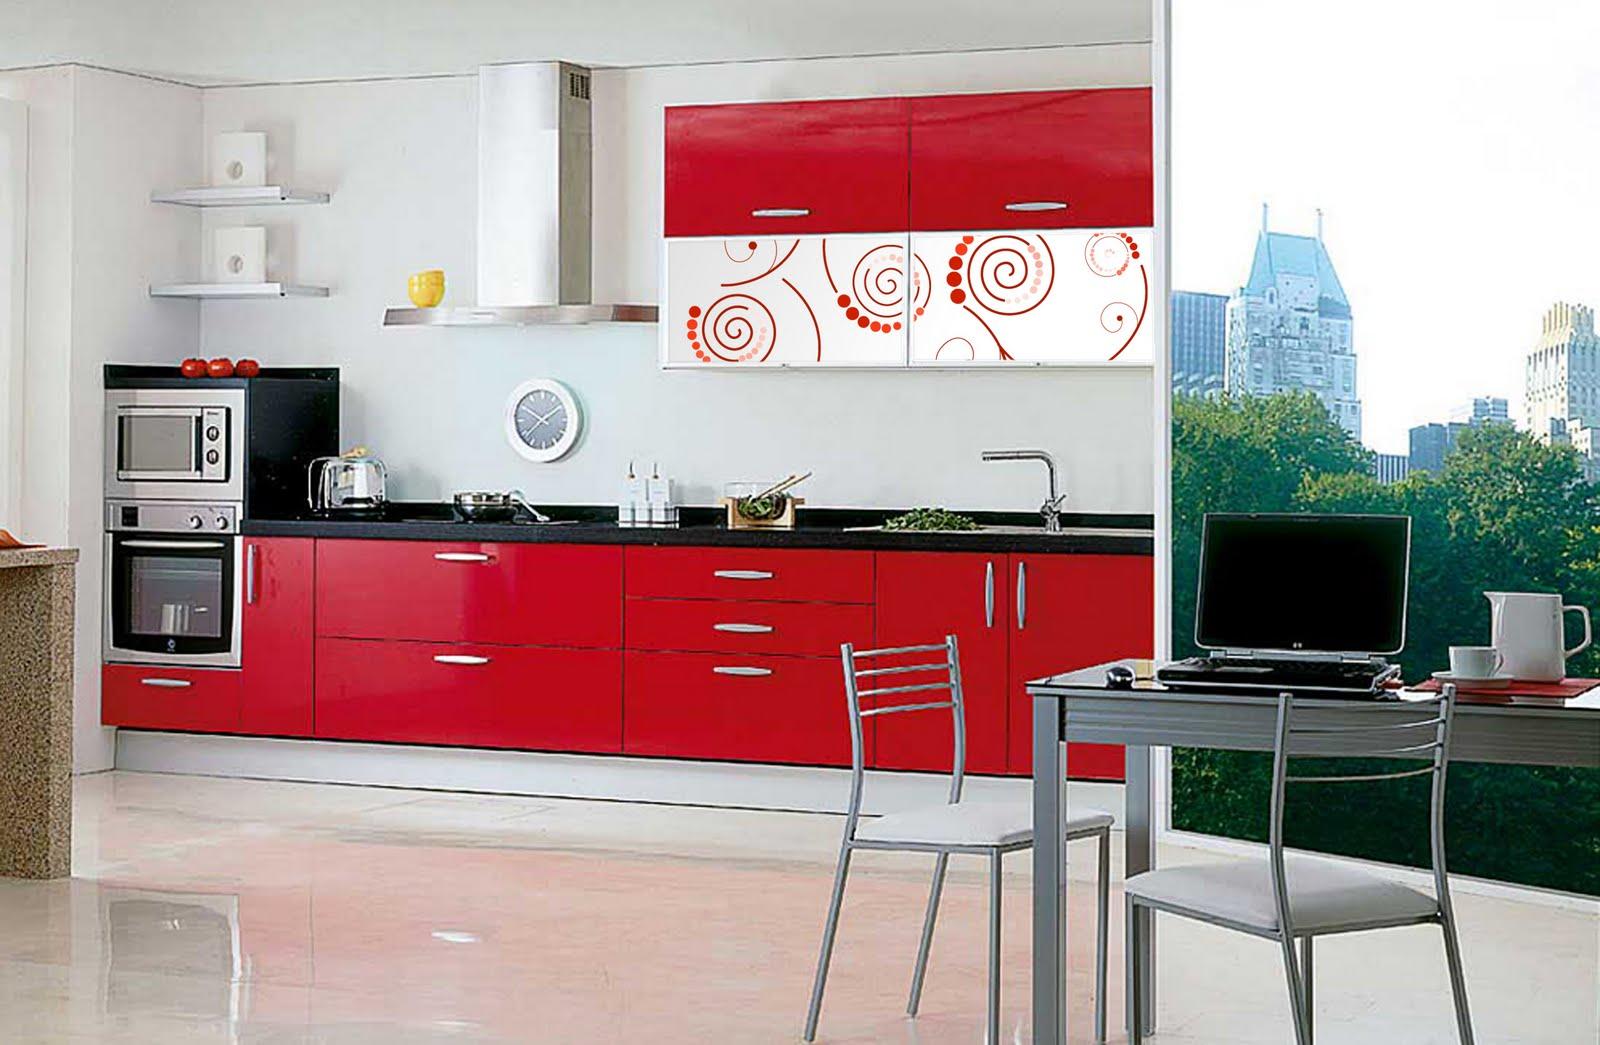 Ixtus amoblamientos muebles de cocina melamina - Muebles de cocinas modernas ...